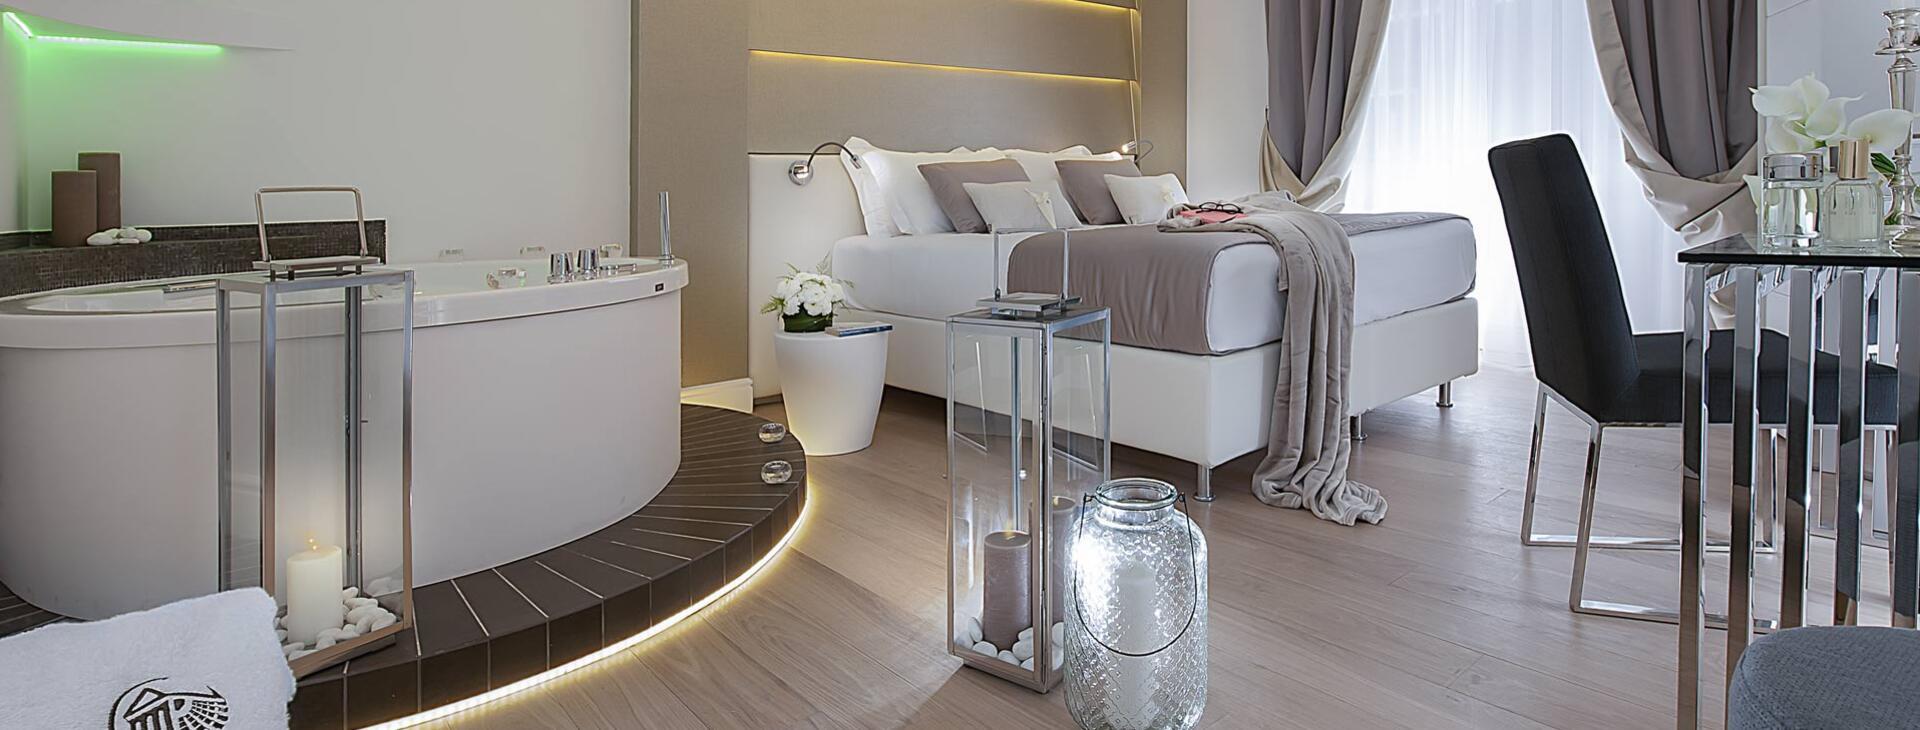 vaticanstyle it vatican-style-hotel-junior-suite 001